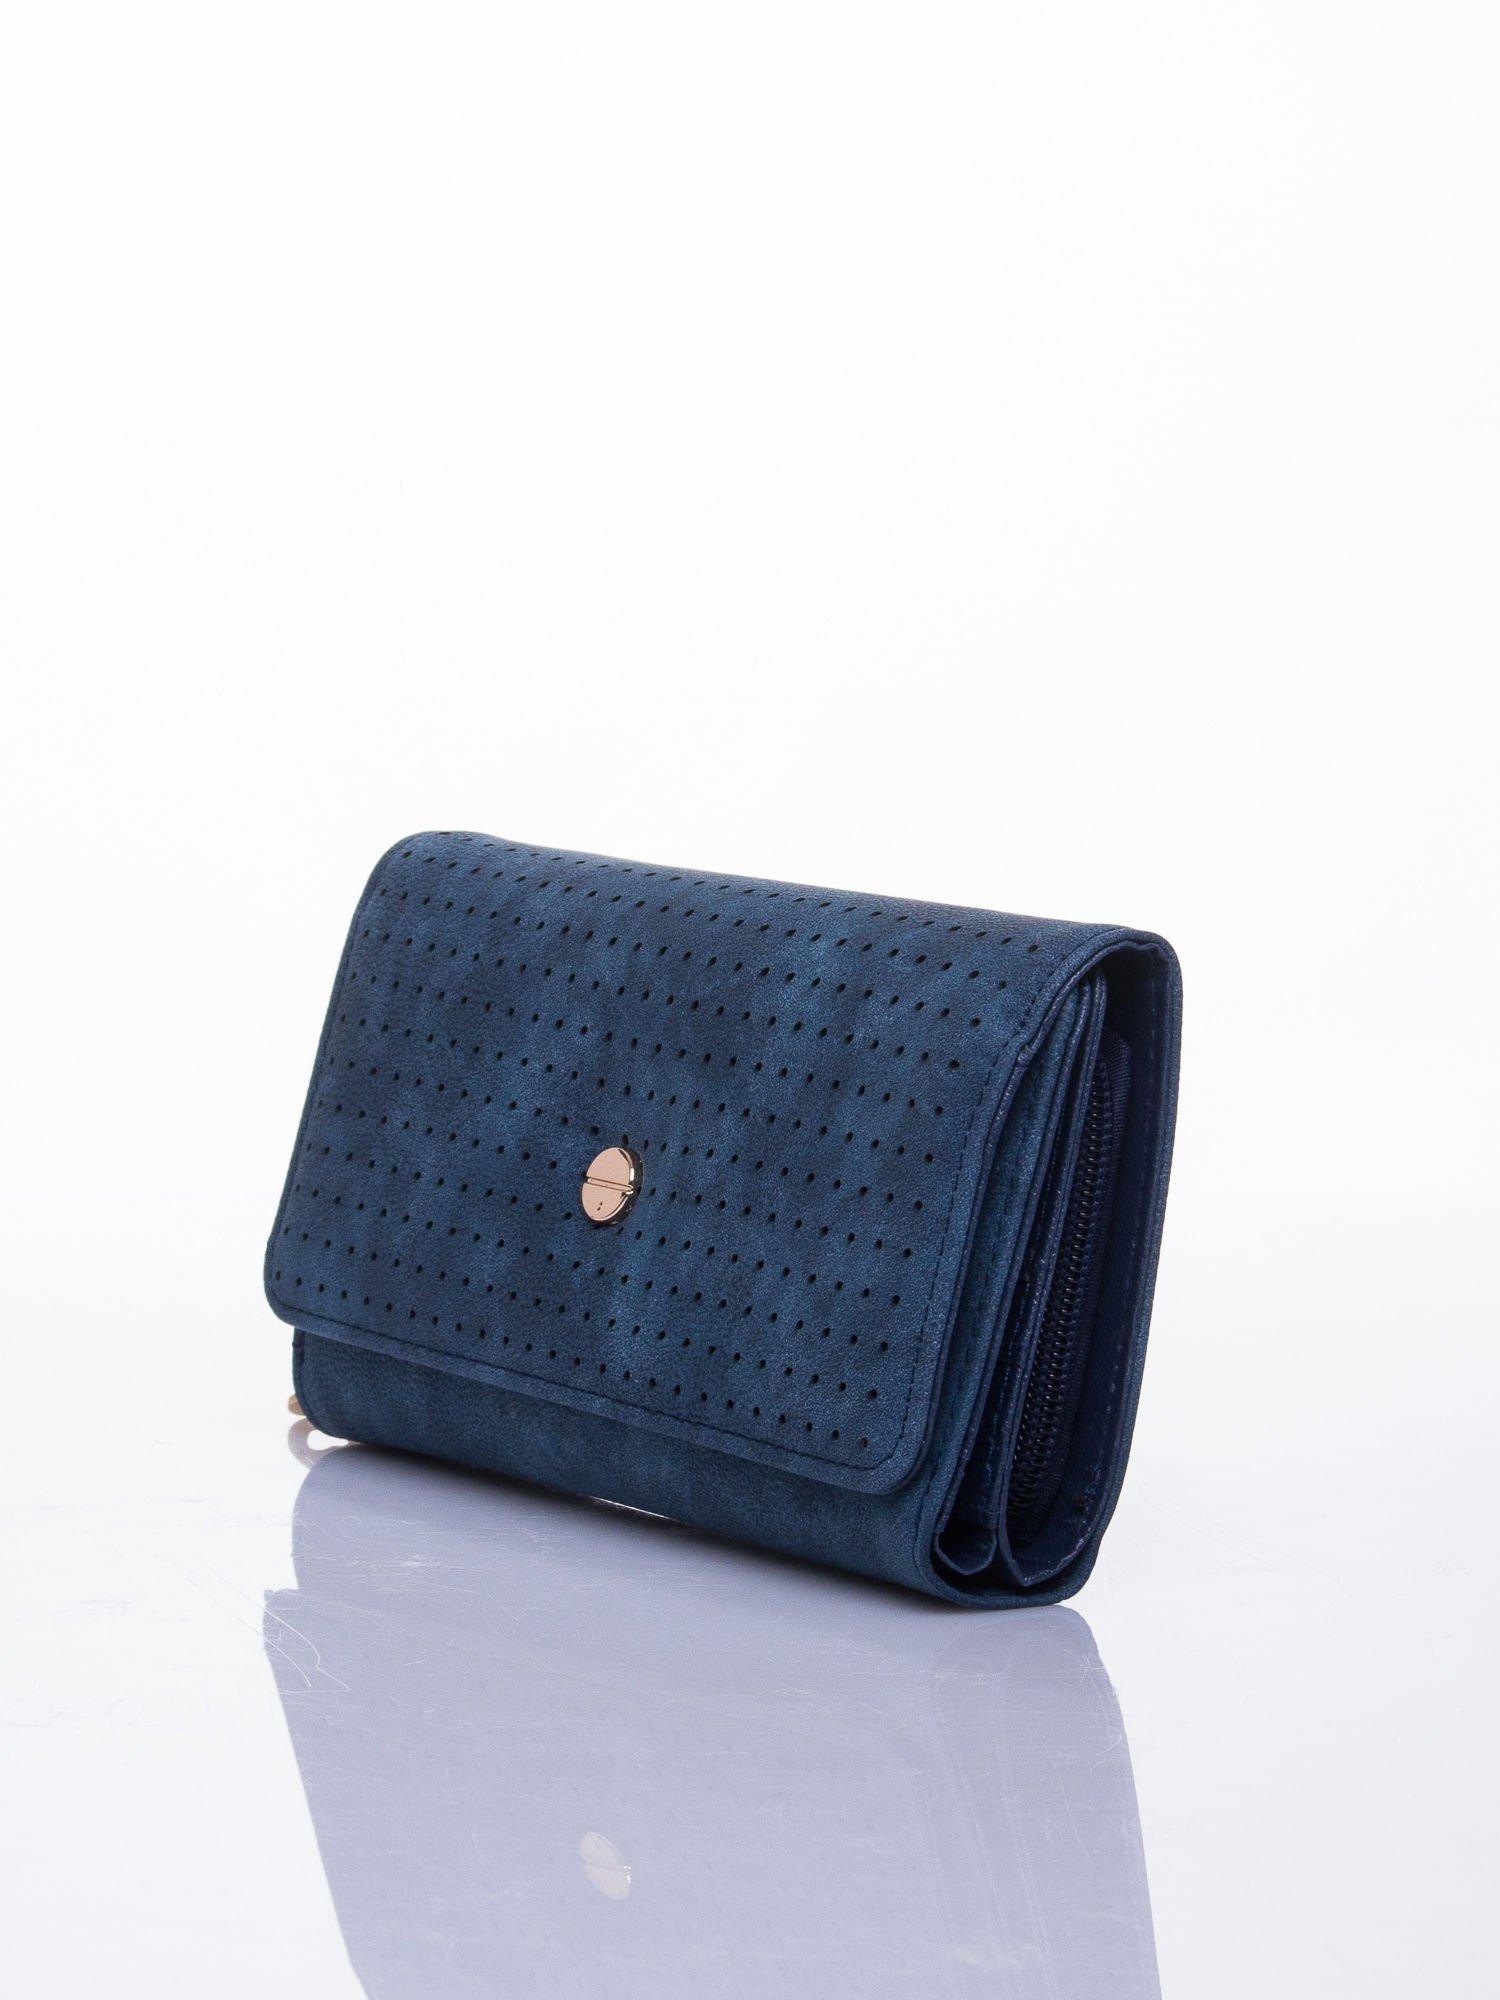 Niebieski ażurowany portfel ze złotym suwakiem                                  zdj.                                  2